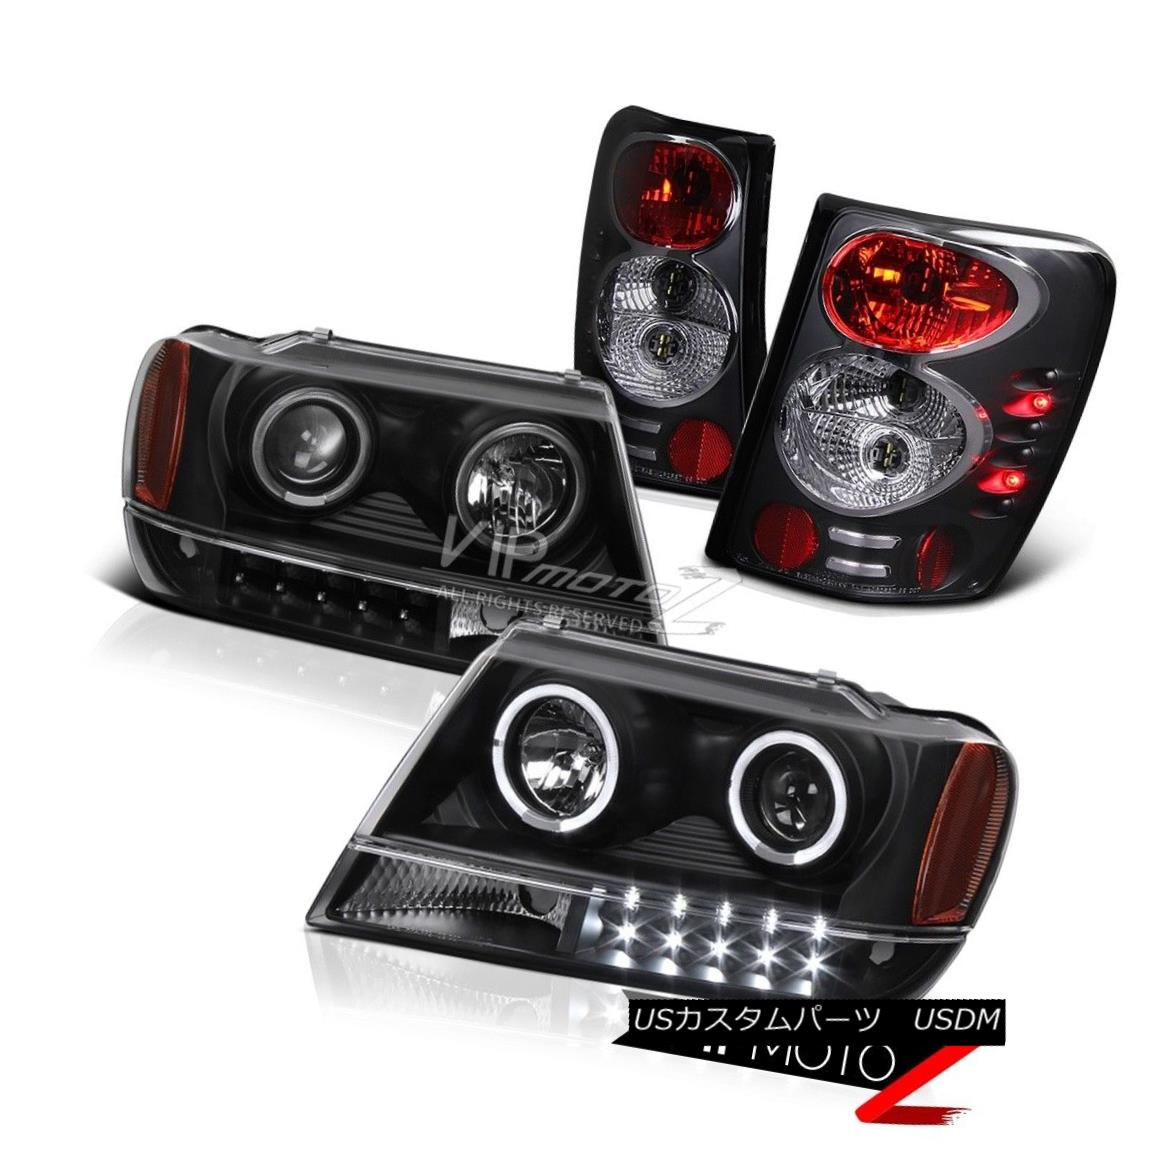 ヘッドライト 99-04 JEEP GRAND CHEROKEE WG WJ L+R BLACK LED HALO PROJECTOR HEADLIGHT+TAILLIGHT 99-04 JEEP GRAND CHEROKEE WG WJ L + R BLACK LEDハロープロジェクターヘッドライト+テール ライト